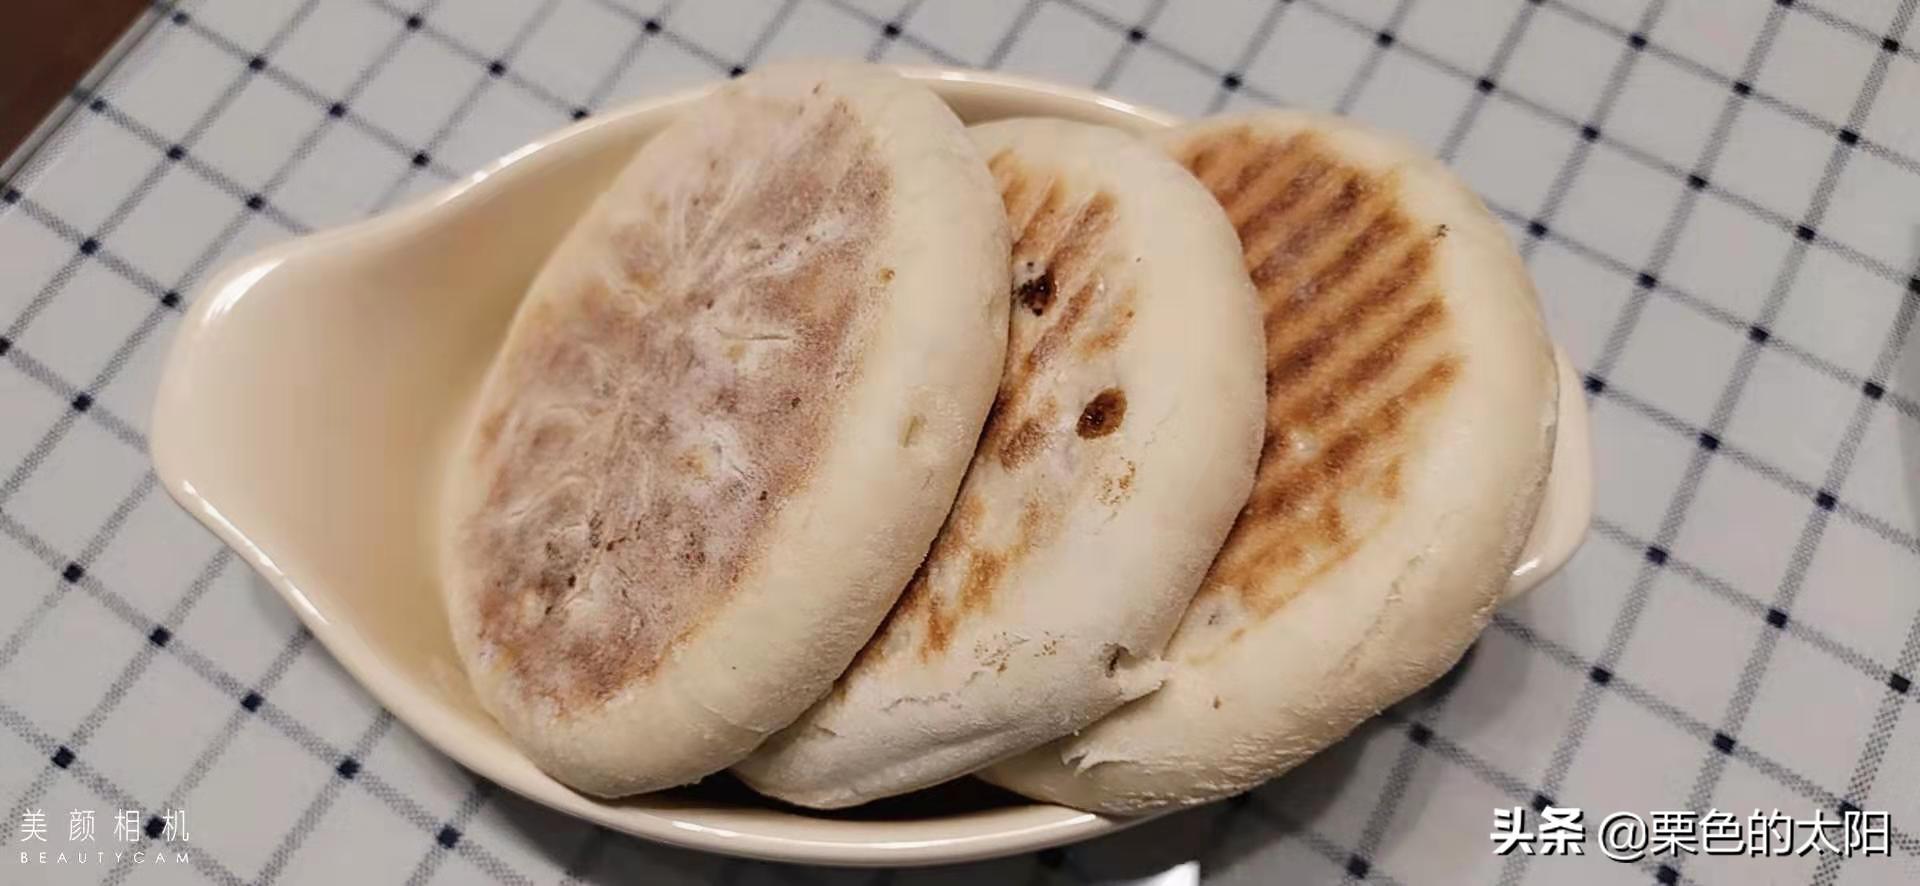 家乡的风味——祭灶的红糖火烧 美食做法 第4张